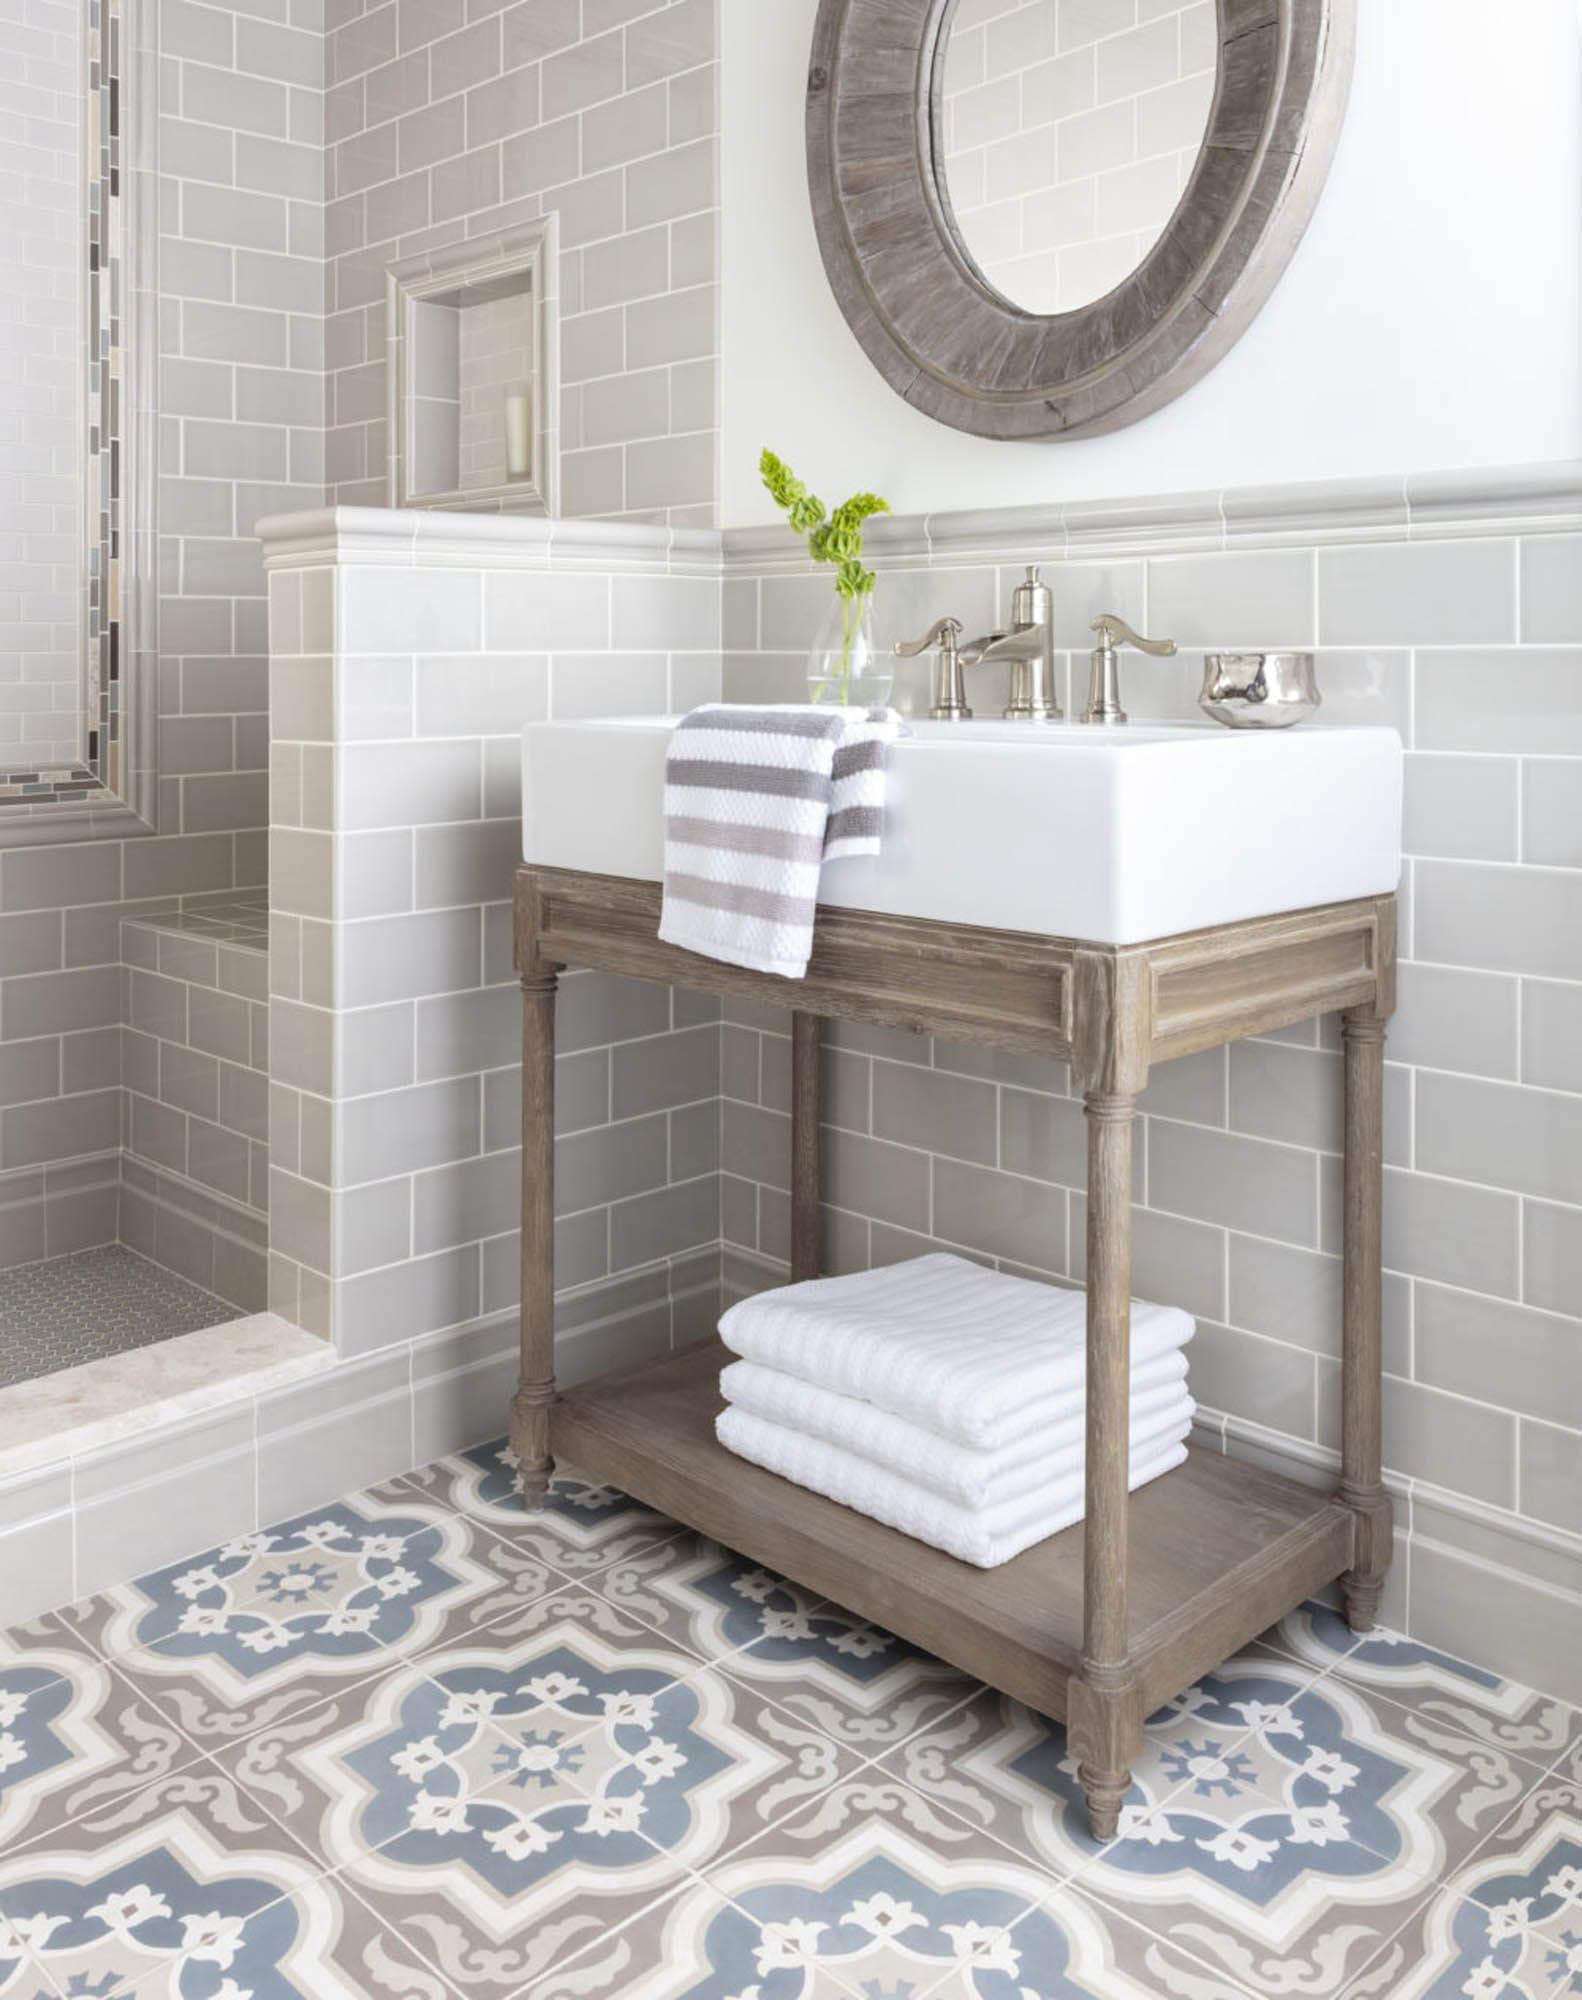 A cool, grey modern farmhouse bathroom